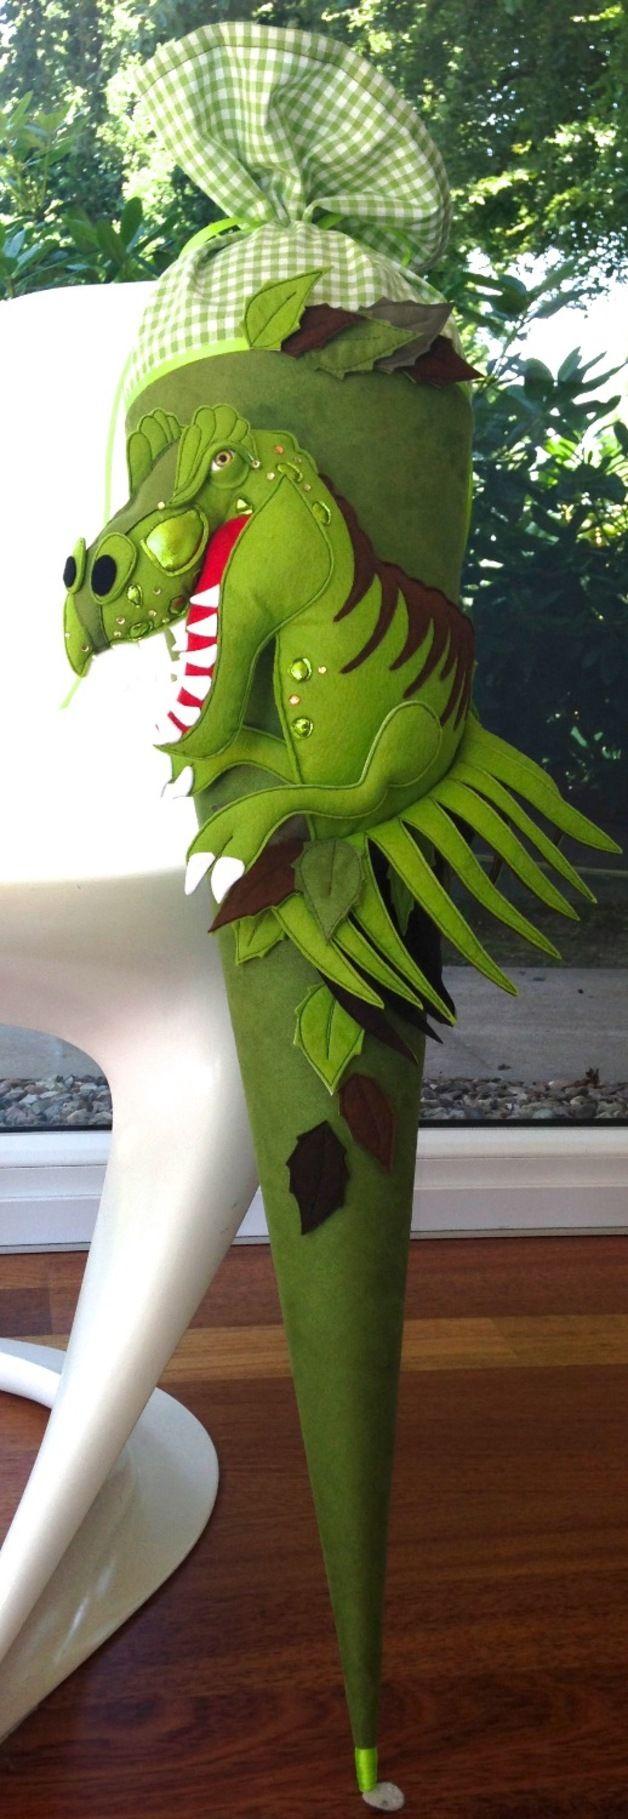 Schultüten - Schultüte RESERVIERT für m pam - ein Designerstück von frech-und-frei-by-lala bei DaWanda